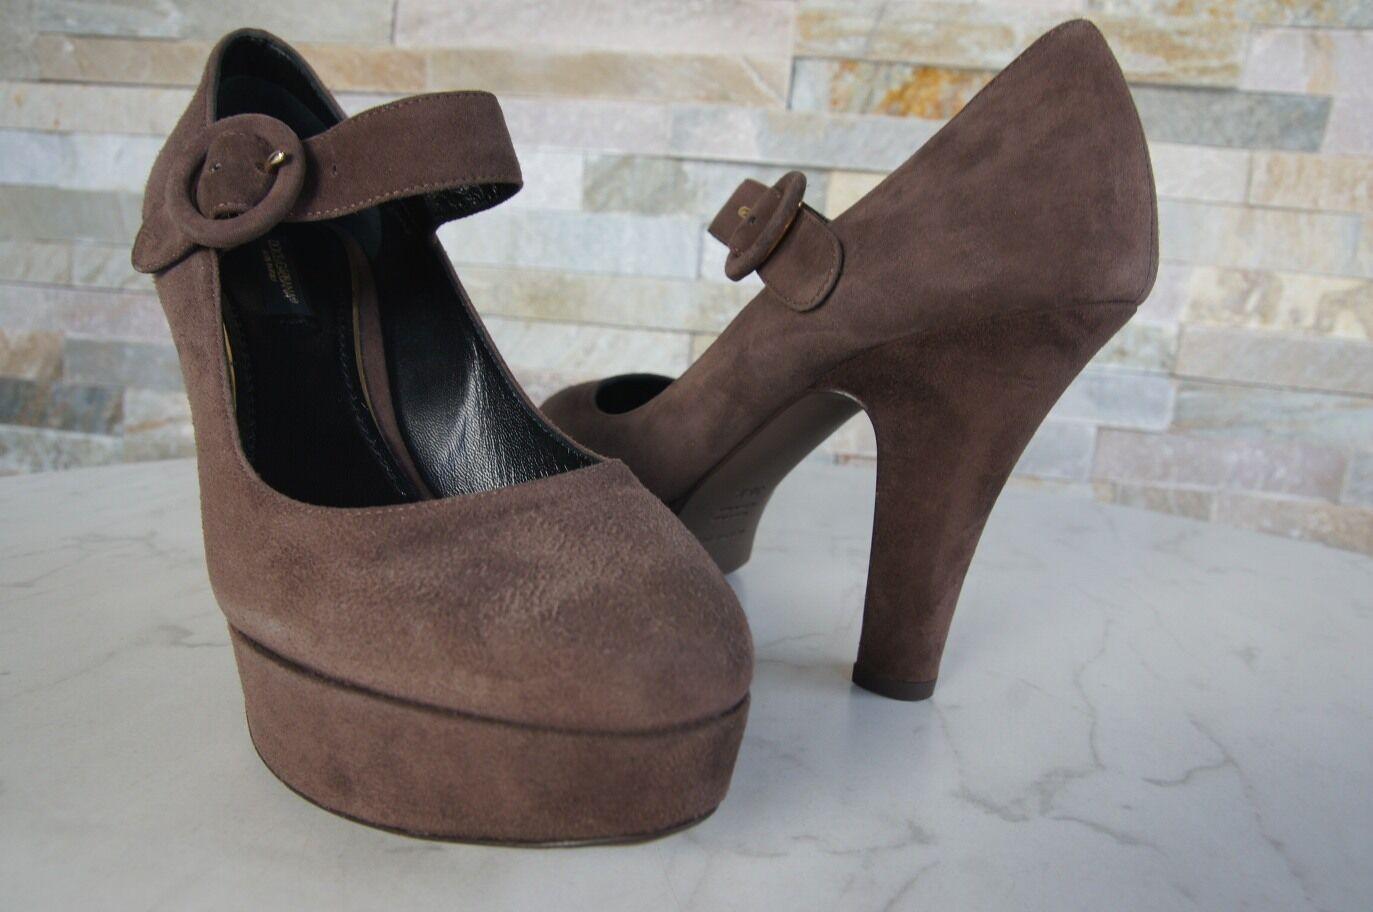 Dolce Heels & Gabbana Gr 40 Plateau Pumps Heels Dolce Schuhe schokolade braun NEU bc8230